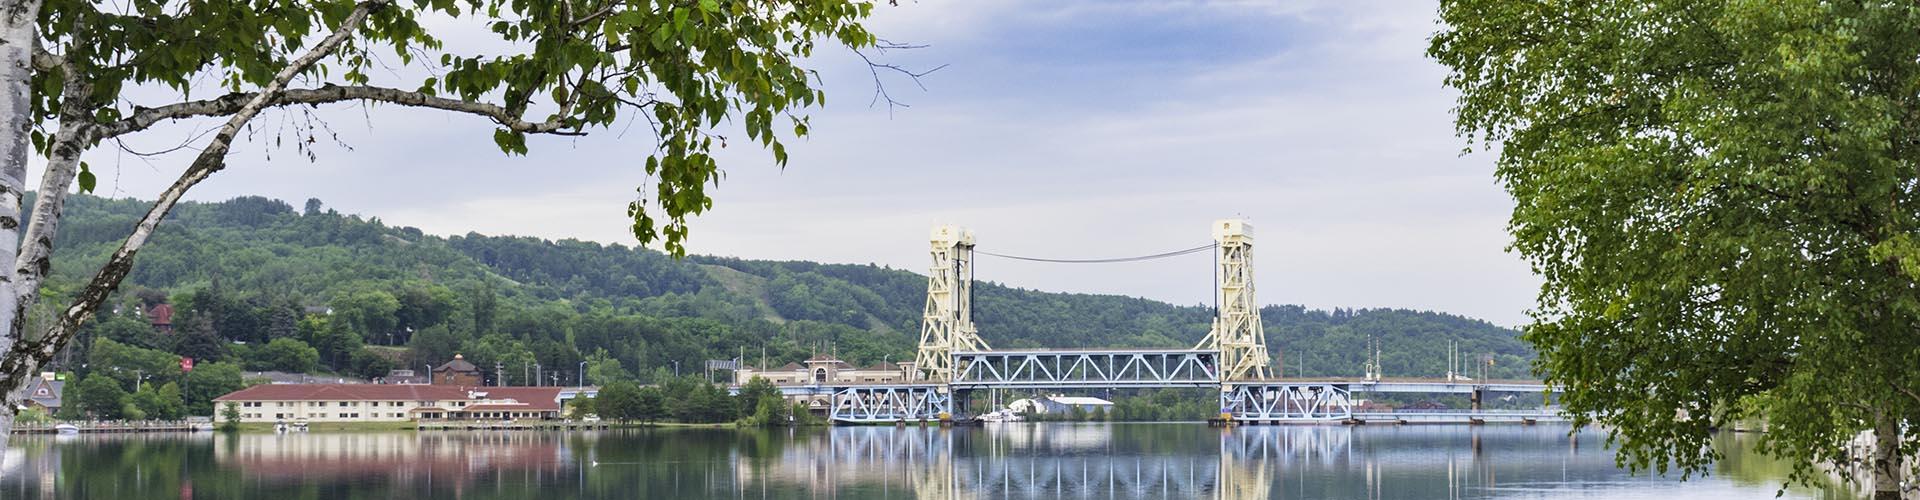 houghton-bridge